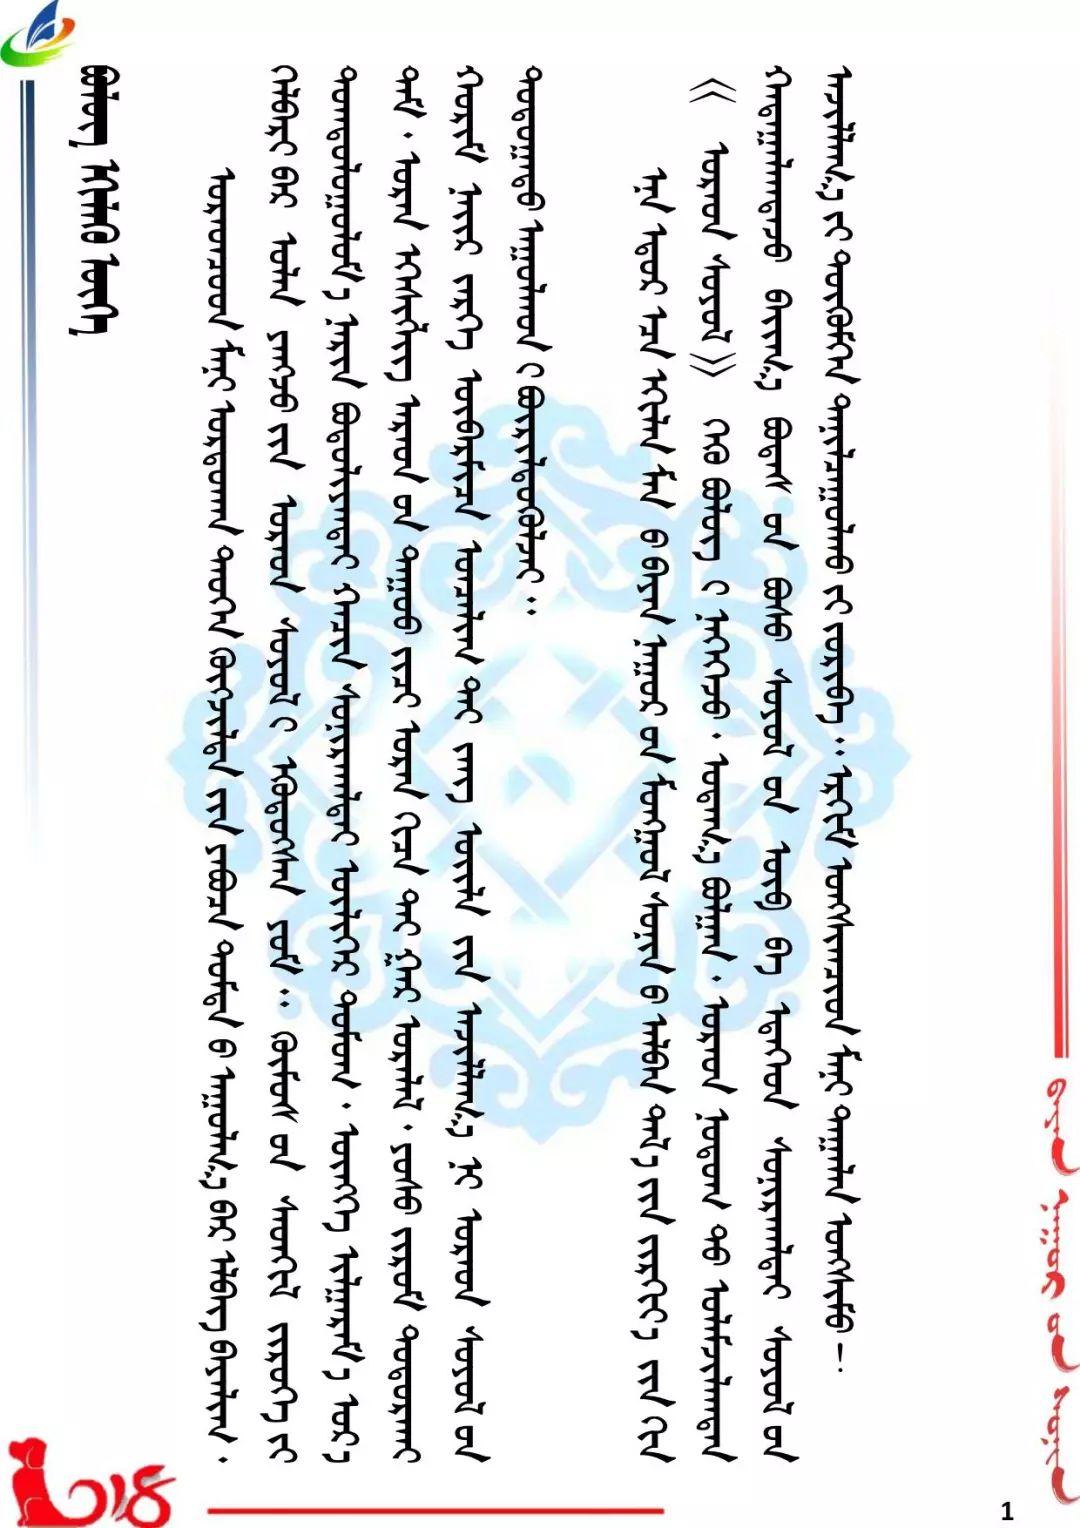 【乌拉特文化】自治区级非物质文化遗产——乌拉特婚礼 第1张 【乌拉特文化】自治区级非物质文化遗产——乌拉特婚礼 蒙古文化